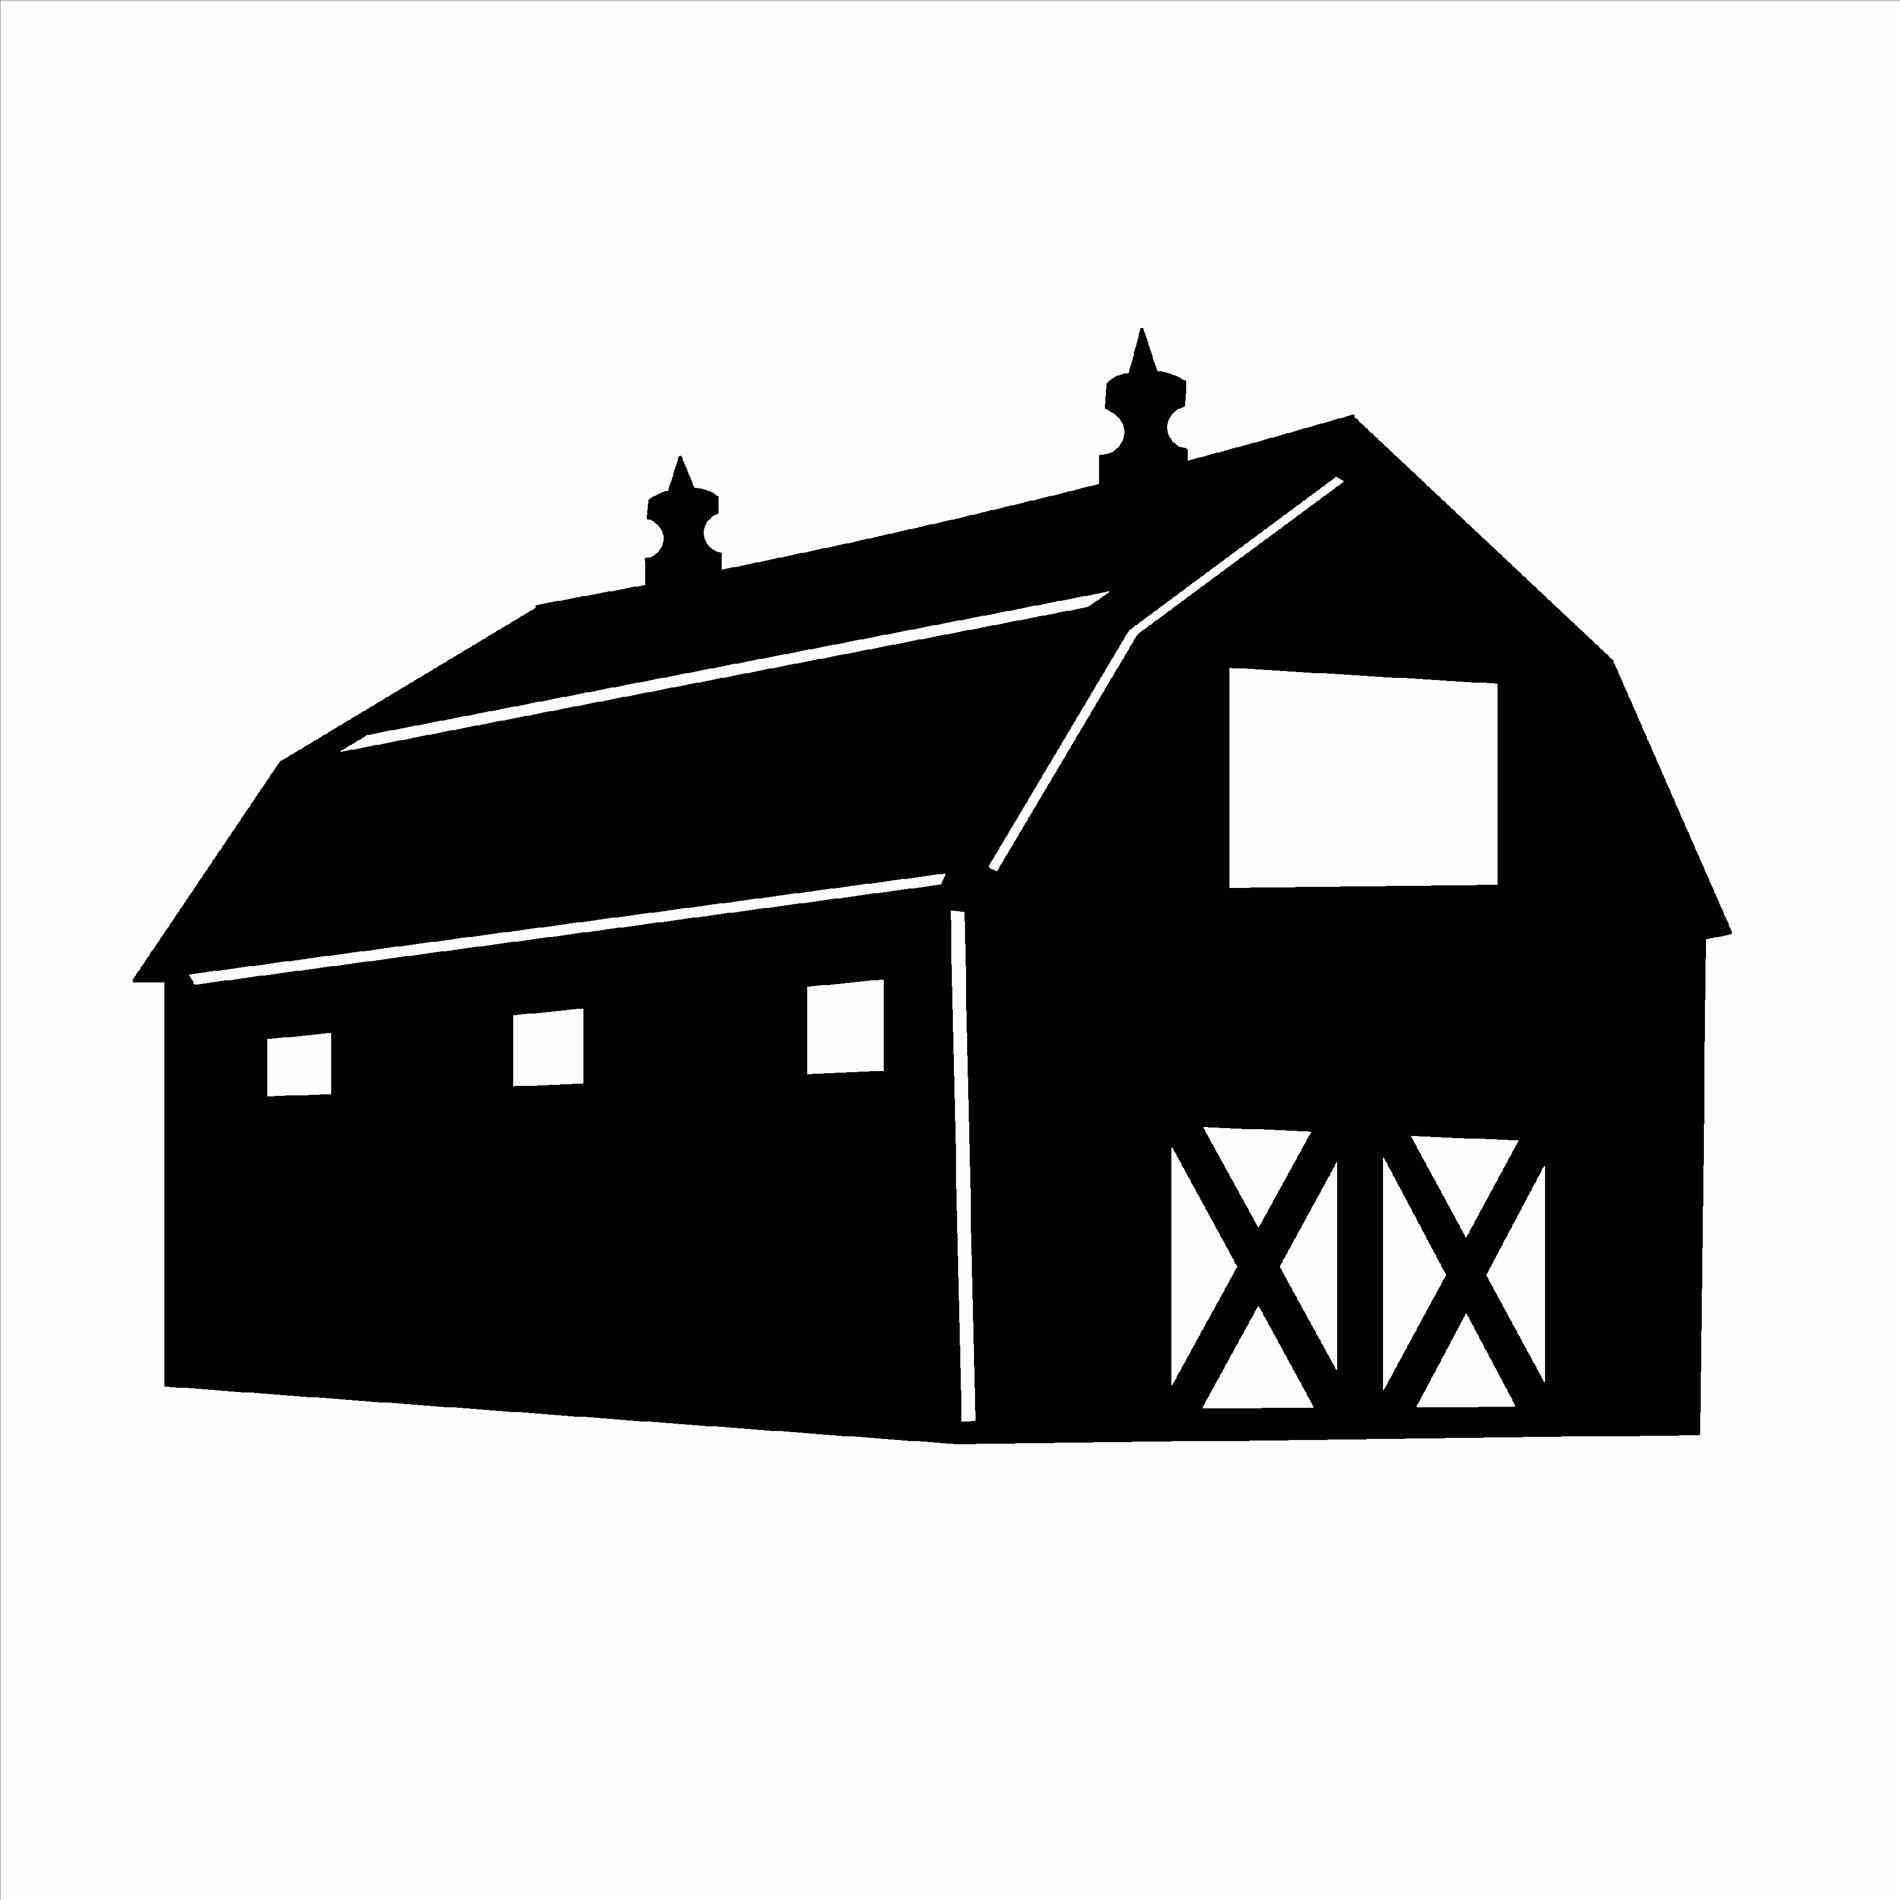 1900x1900 House Barn Clip Art Library Silhouette Pencil In Color Farm